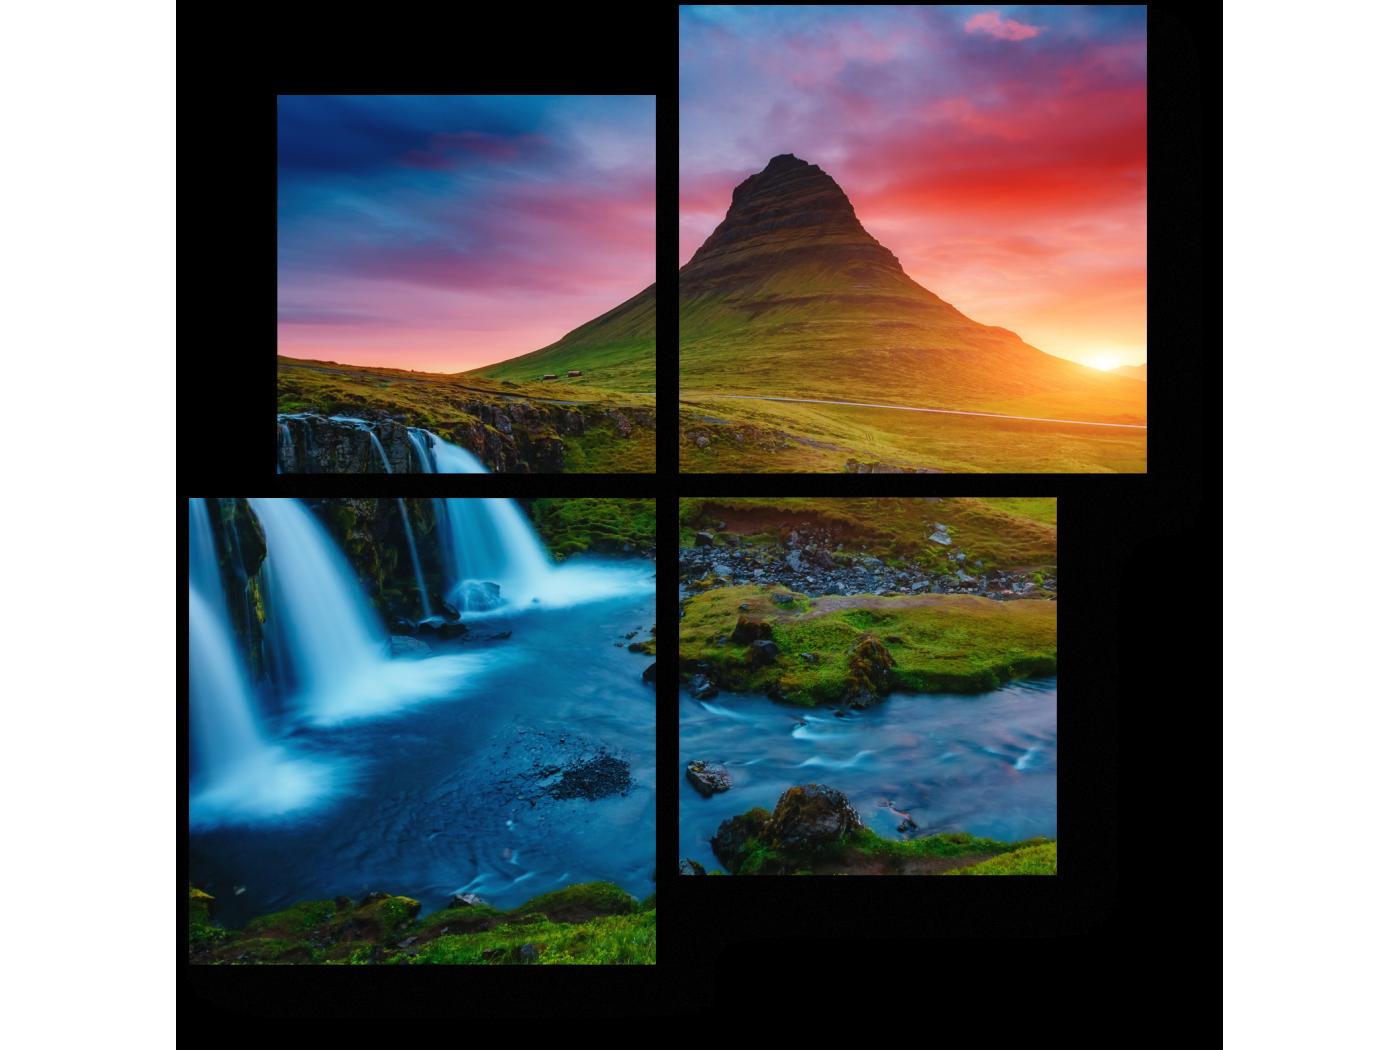 Модульная картина Красочный рассвет, Исландия (50x50) фото